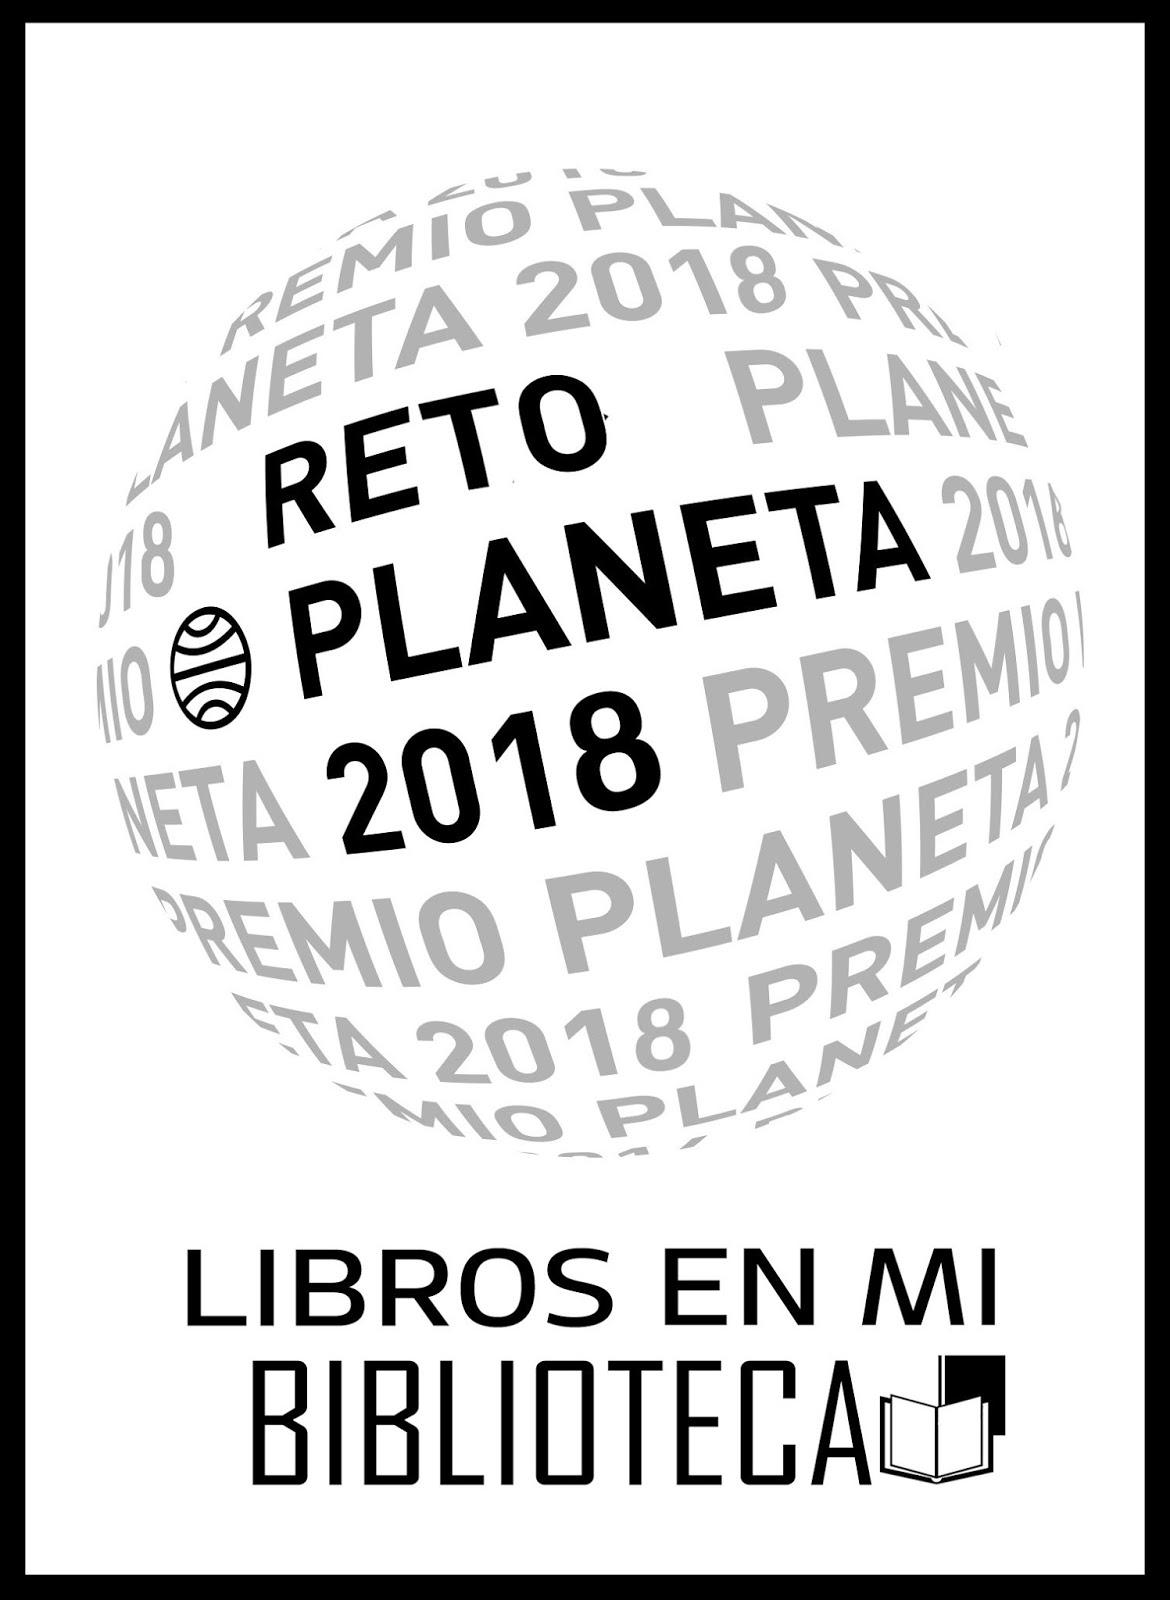 Retos 2018